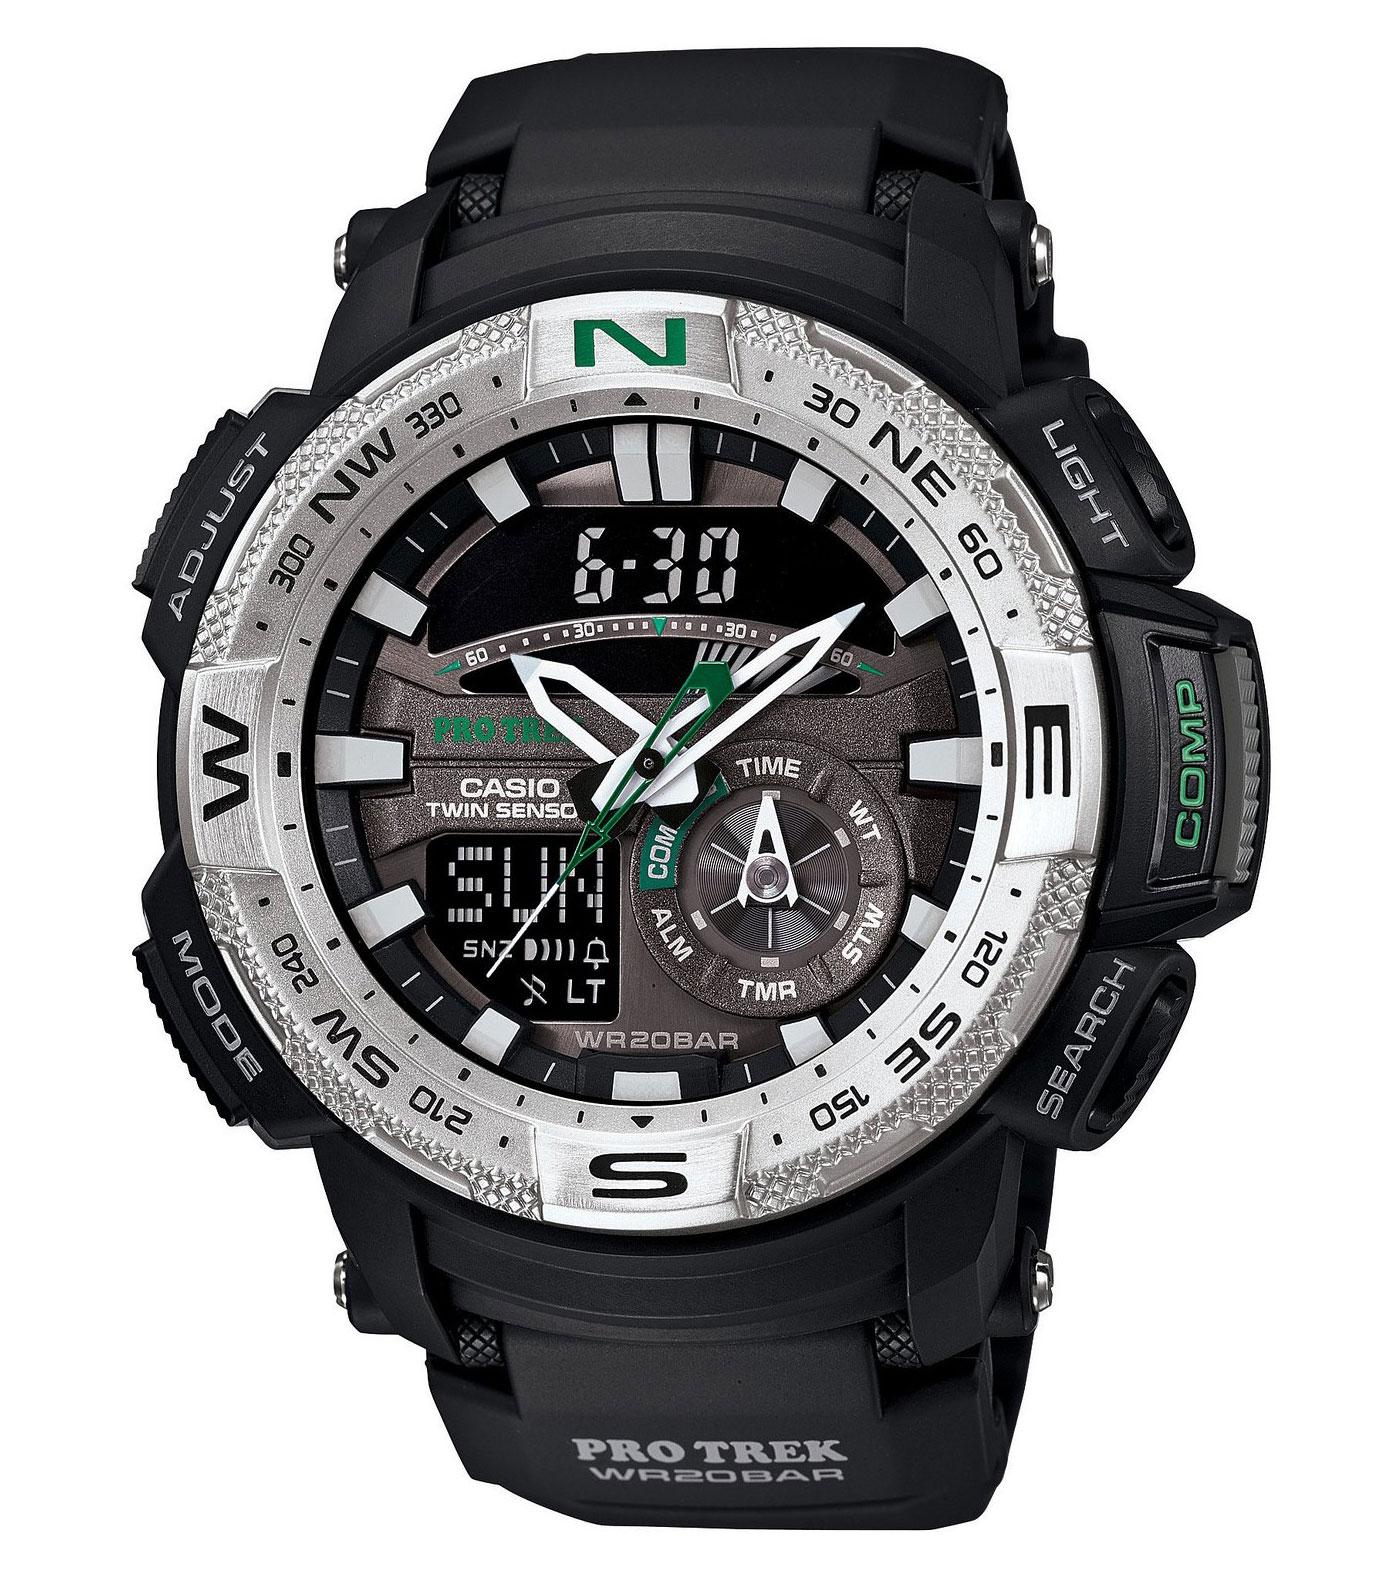 Часы мужские наручные Casio PRO TREK, цвет: черный, серый, серебристый. PRG-280-1EPRG-280-1EСтильные мужские часы Casio PRO TREK выполнены из полимерных материалов и минерального стекла. Изделие дополнено светодиодной подсветкой высокой яркости, корпус часов оформлен символикой бренда. В часах предусмотрен аналоговый и цифровой отсчет времени. Часы оснащены функцией мирового времени, которая позволяет мгновенно выяснять текущее время. Часы могут быть настроены на подачу тонального или светового сигнала при наступлении выставленного времени. Функция таймера позволит обеспечить обратный отсчет времени, начиная с выставленного и подачу тонального или светового сигнала, когда отсчет доходит до нуля. Функция секундомера позволит замерять прошедшее время в пределах тысячи часов с точностью 1/100 секунды, предусмотрен будильник, термометр, цифровой компас. Степень влагозащиты 20 atm. Изделие дополнено ремешком из полимерного материала, который обладает антибактериальными и запахоустойчивыми свойствами. Ремешок застегивается на пряжку, позволяющую максимально комфортно и...